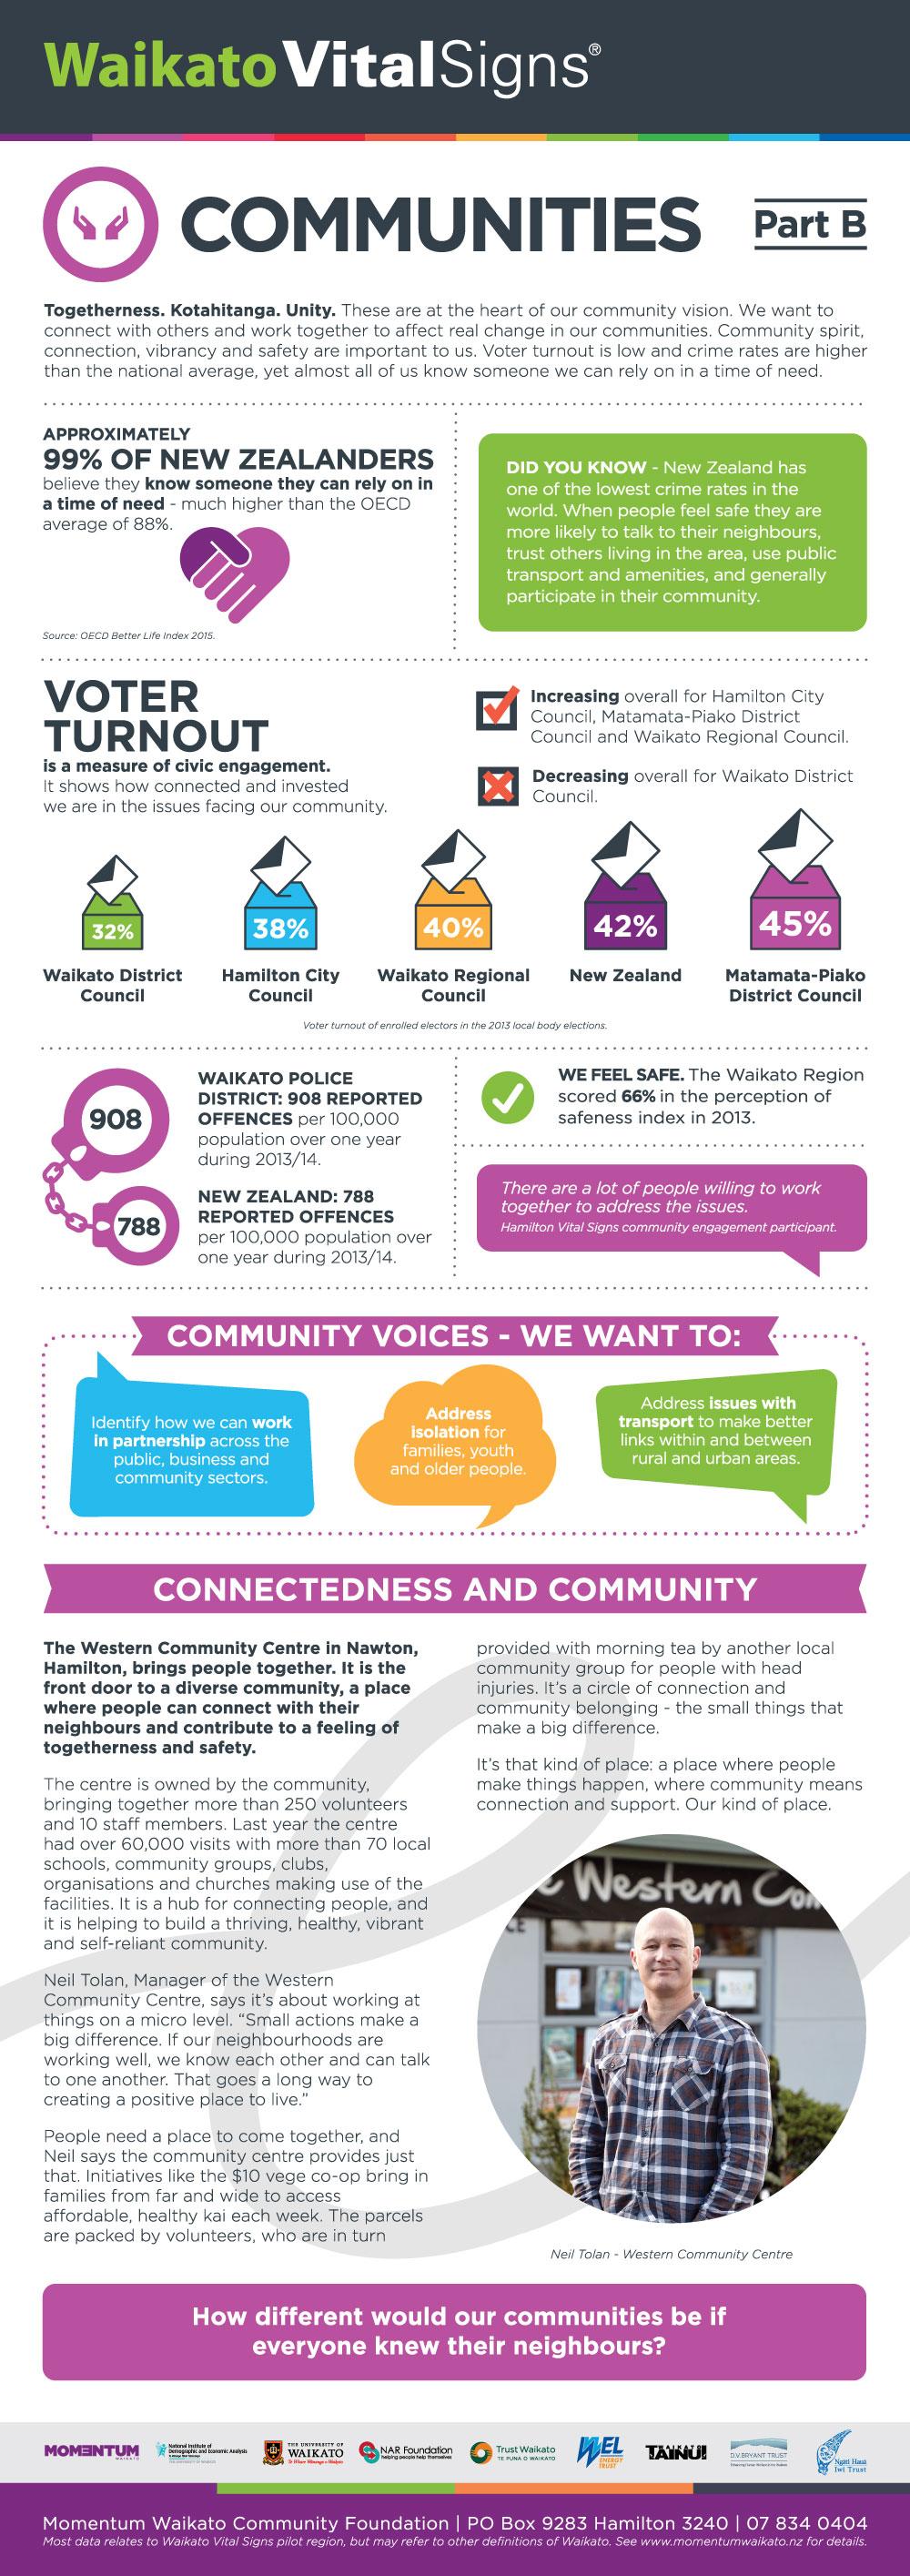 WVS_Communities_B_Panel.jpg